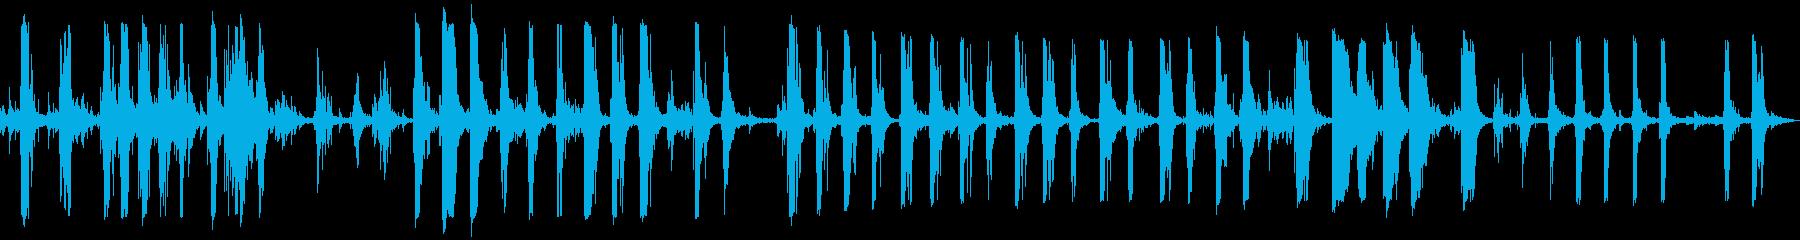 スラムダウン金属トラックリグの再生済みの波形